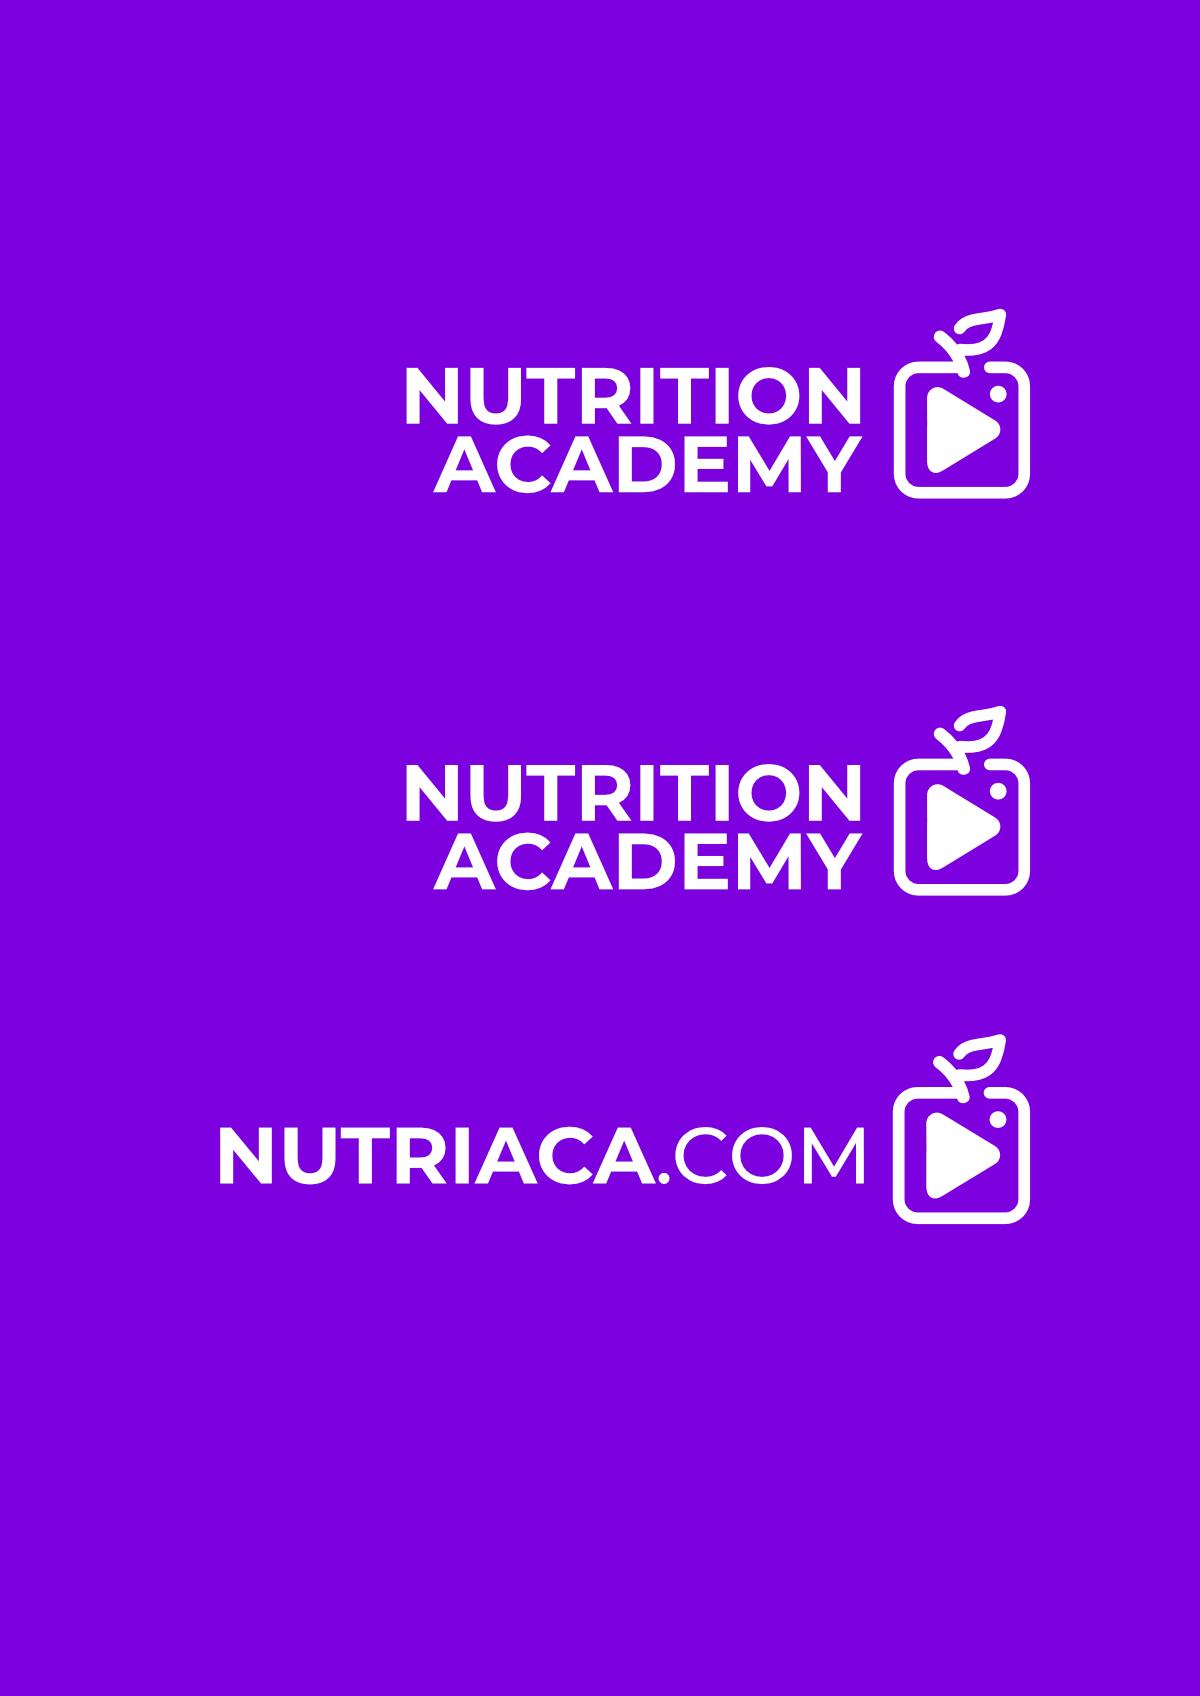 NutritionAcademy logo15 1